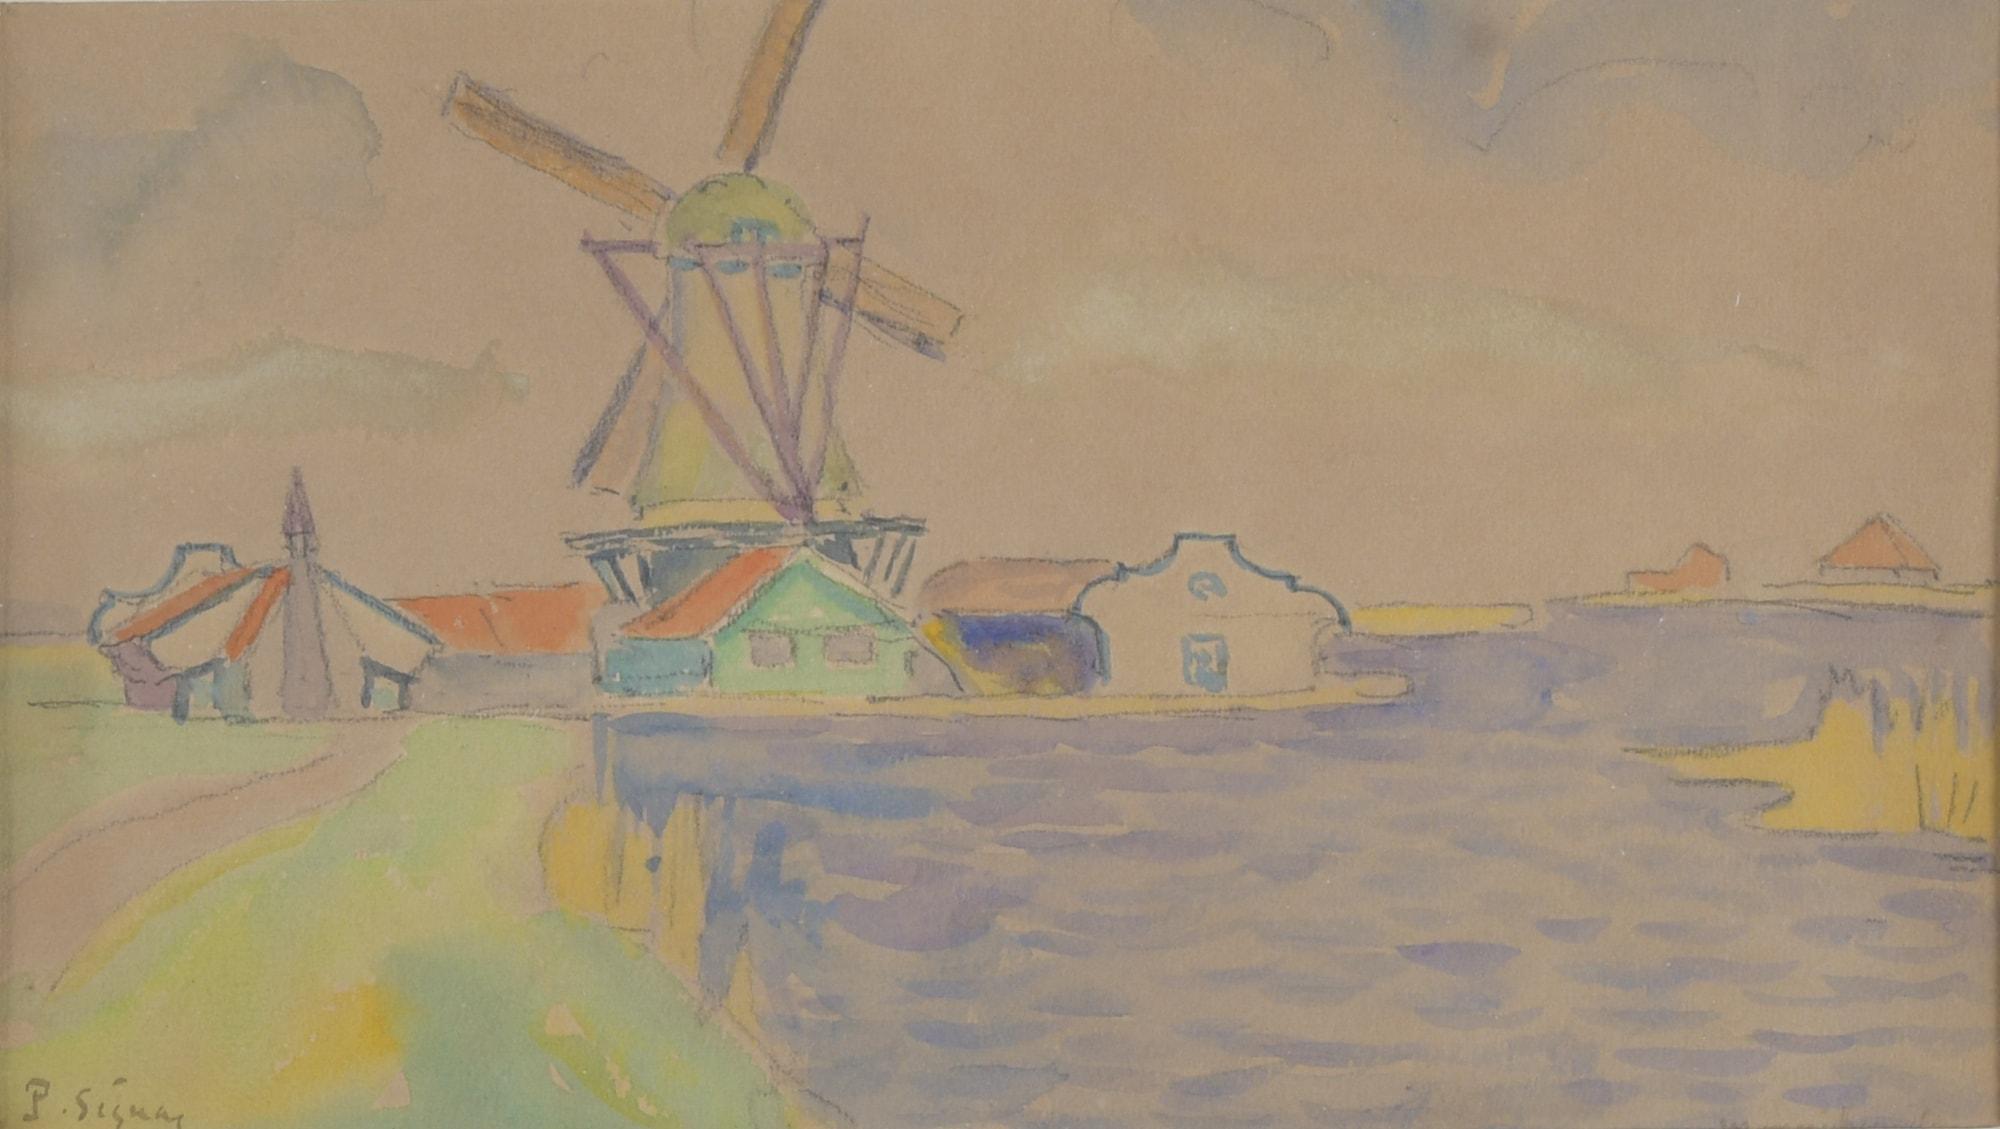 Moulin en Hollande (Monikendam)